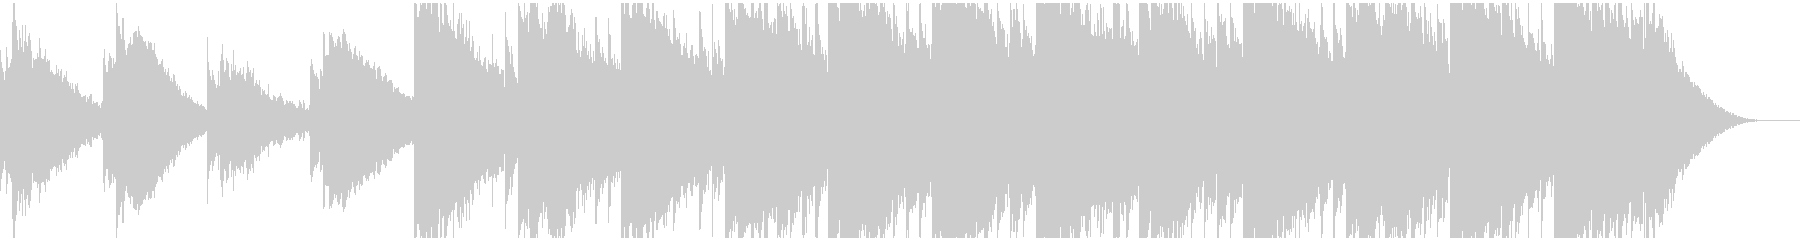 ピアノ主旋律のアンビエント ヒーリングの未再生の波形